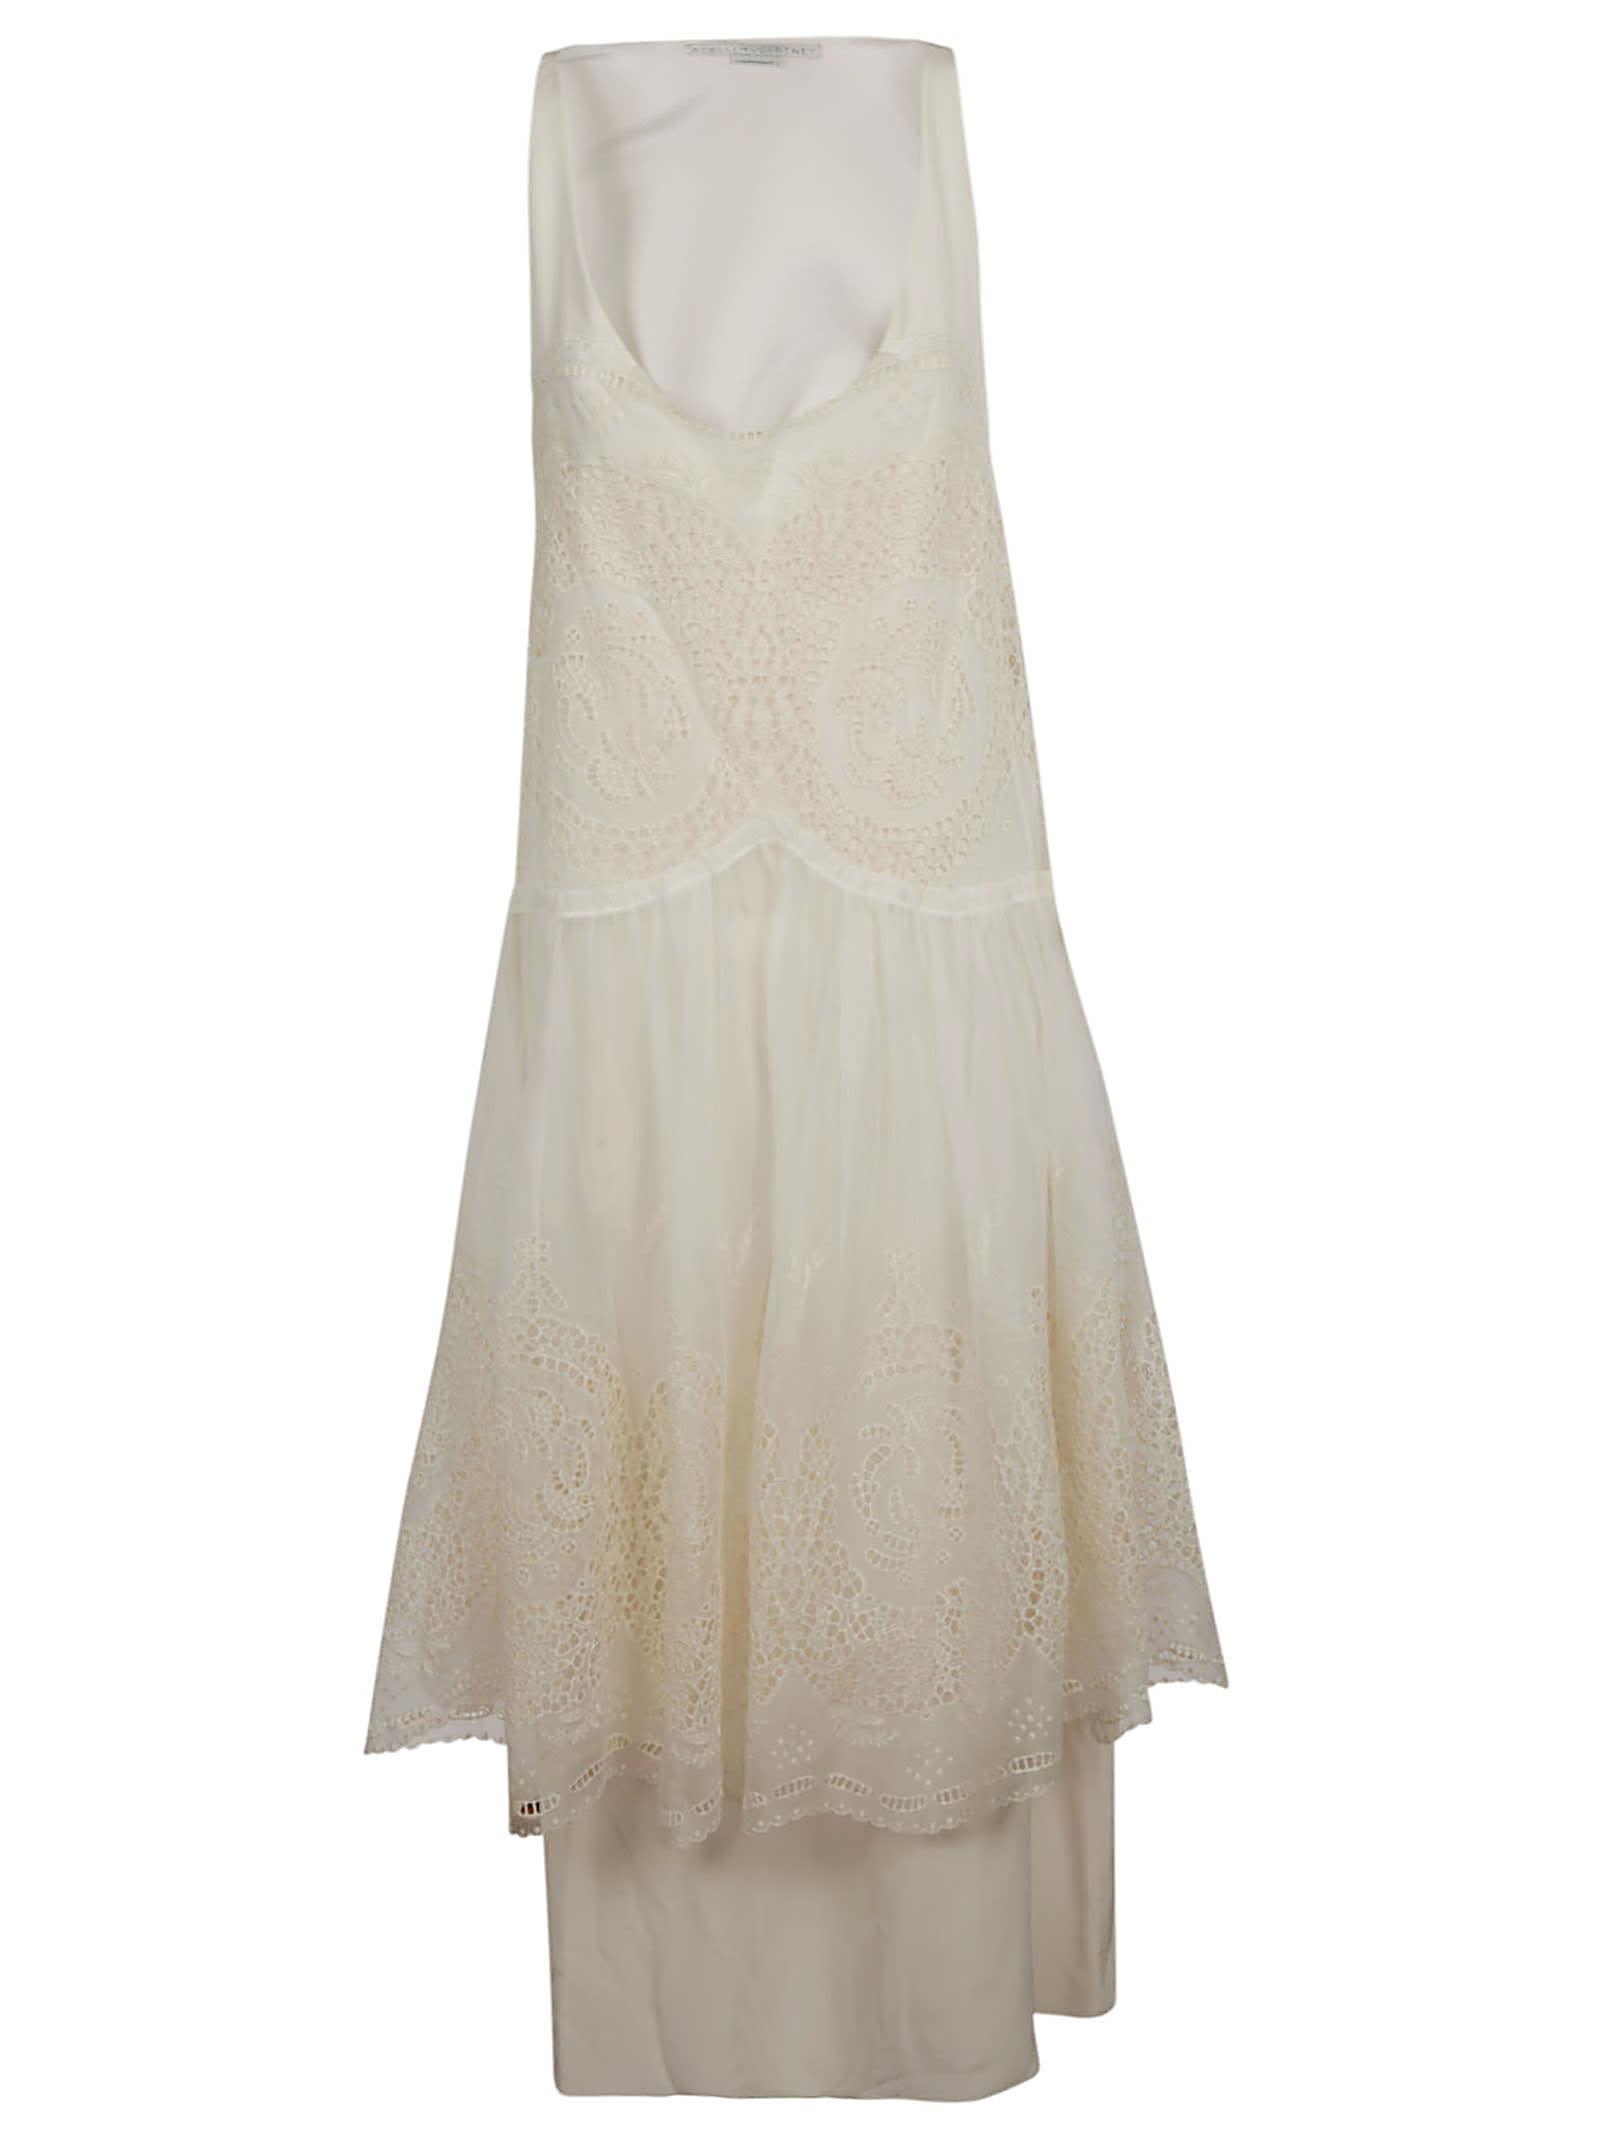 Stella McCartney Sleeveless Laced Dress